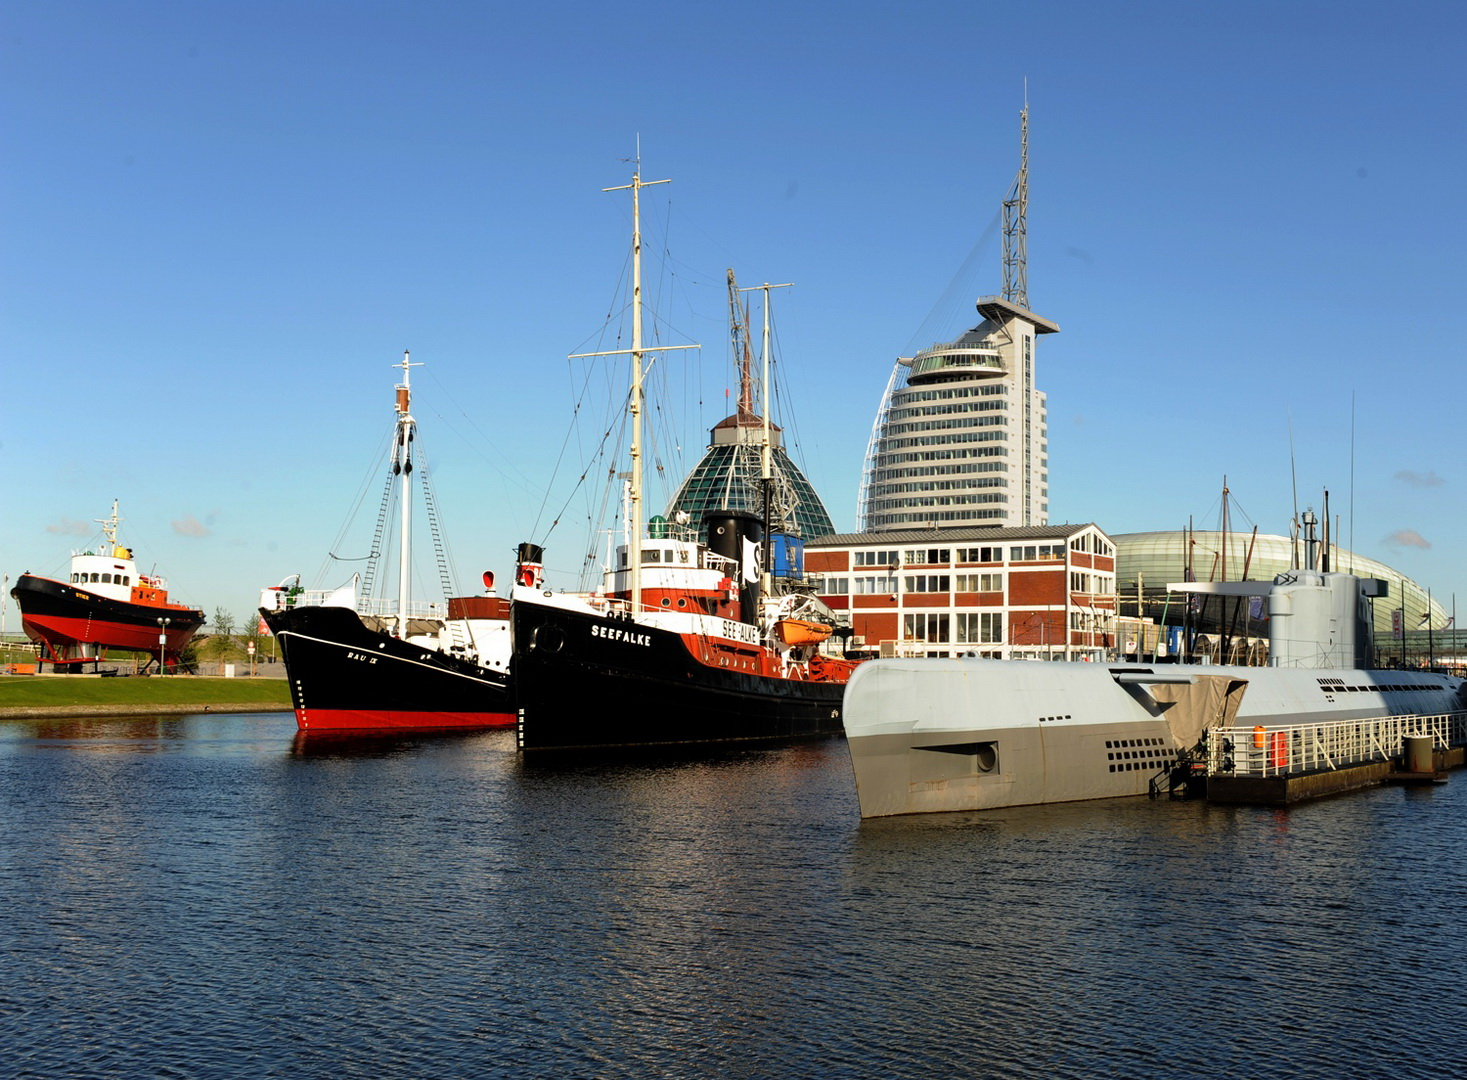 Museumshafen_RET